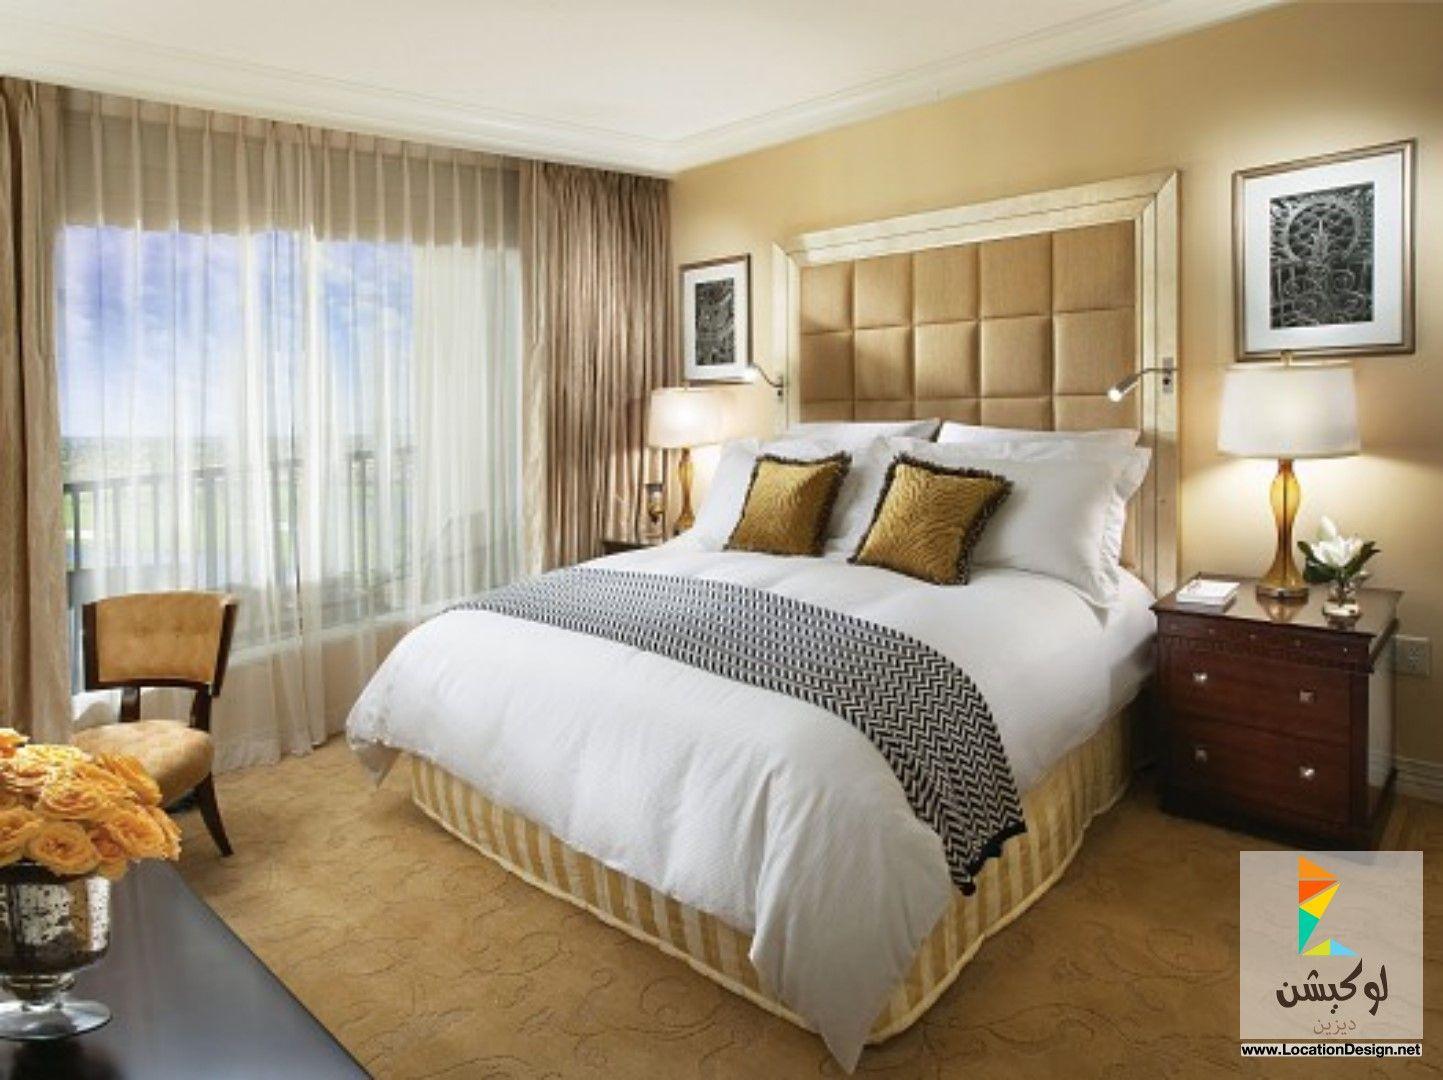 احدث 10 تصميمات صور غرف نوم مودرن جميلة جدا 2015 لوكيشن ديزاين تصميمات ديكورات أفكار جديدة مصر Small Room Bedroom Remodel Bedroom Luxurious Bedrooms